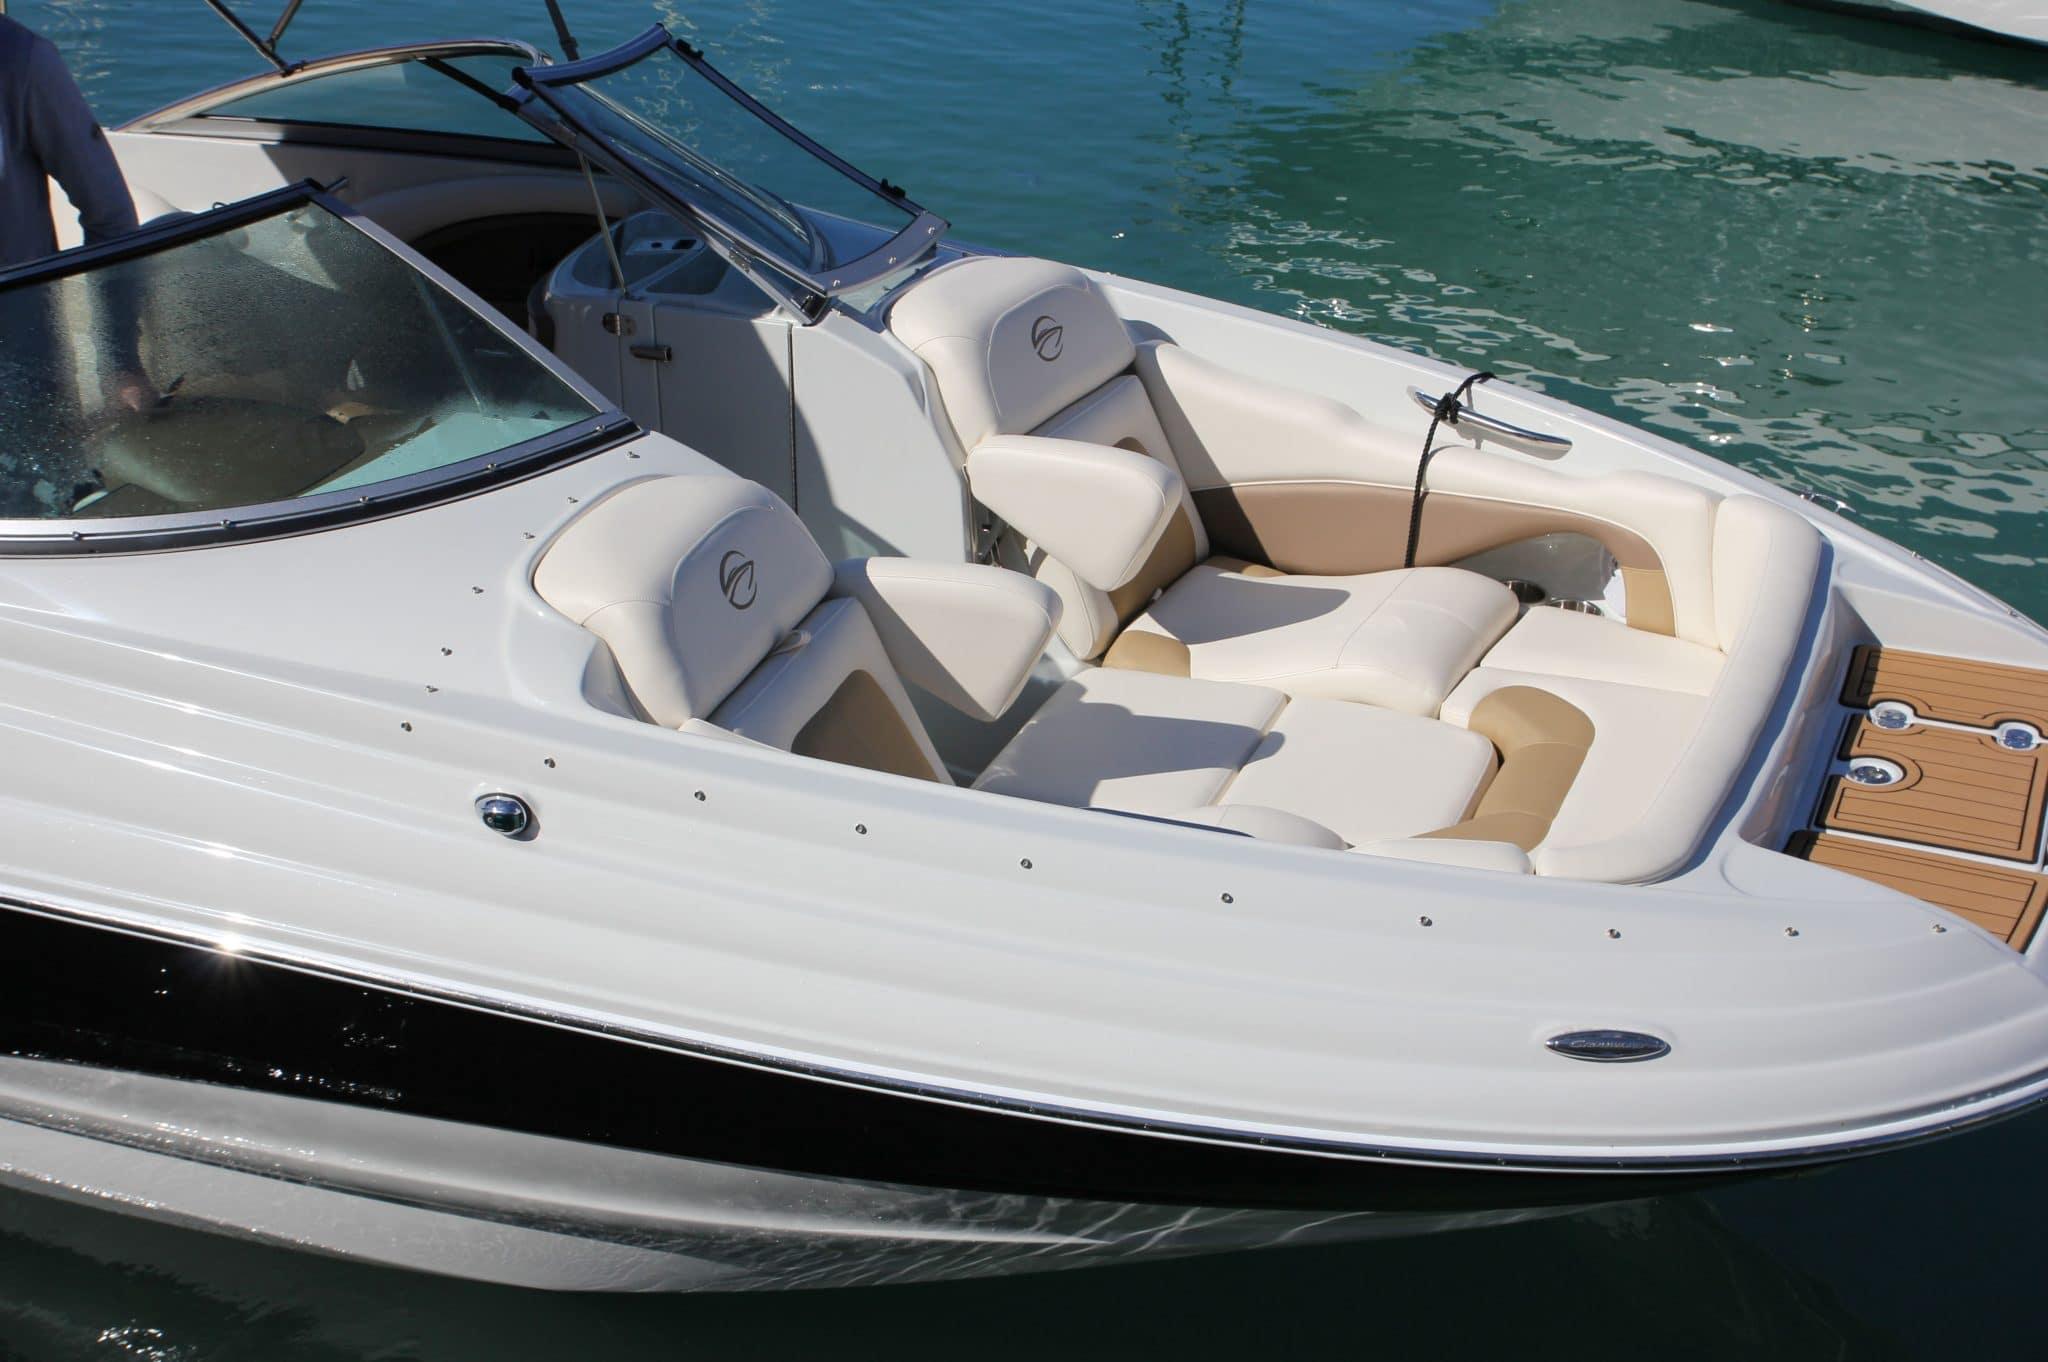 Motorboot_CrownlineE4_24ft_5-2048×1362 (1)